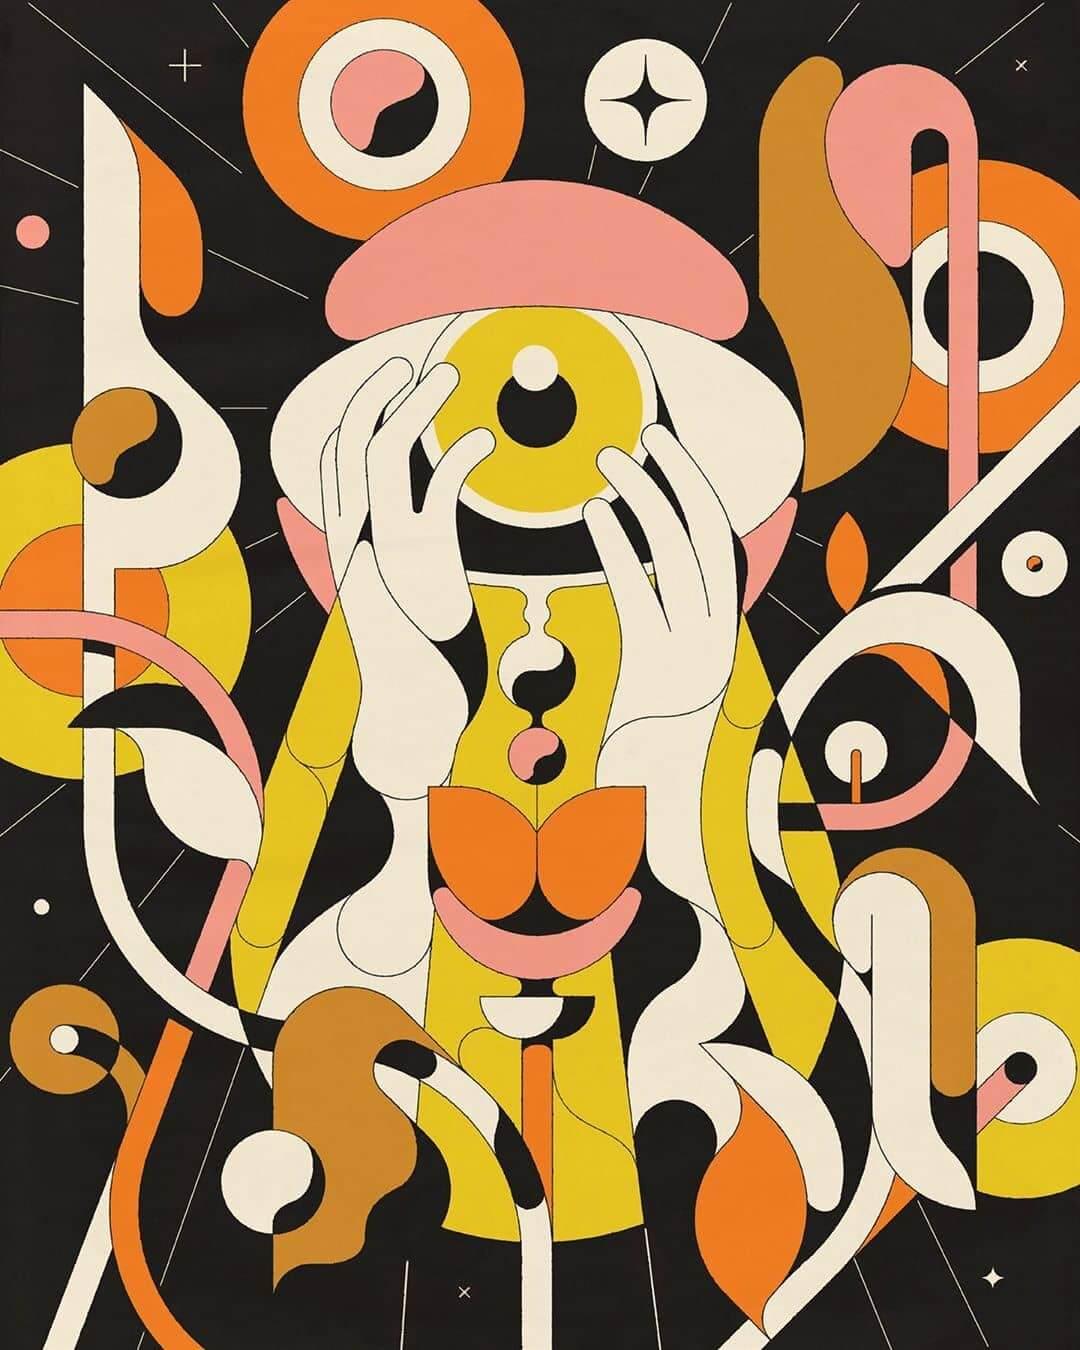 ilustracion geometrica de Calvin sprague